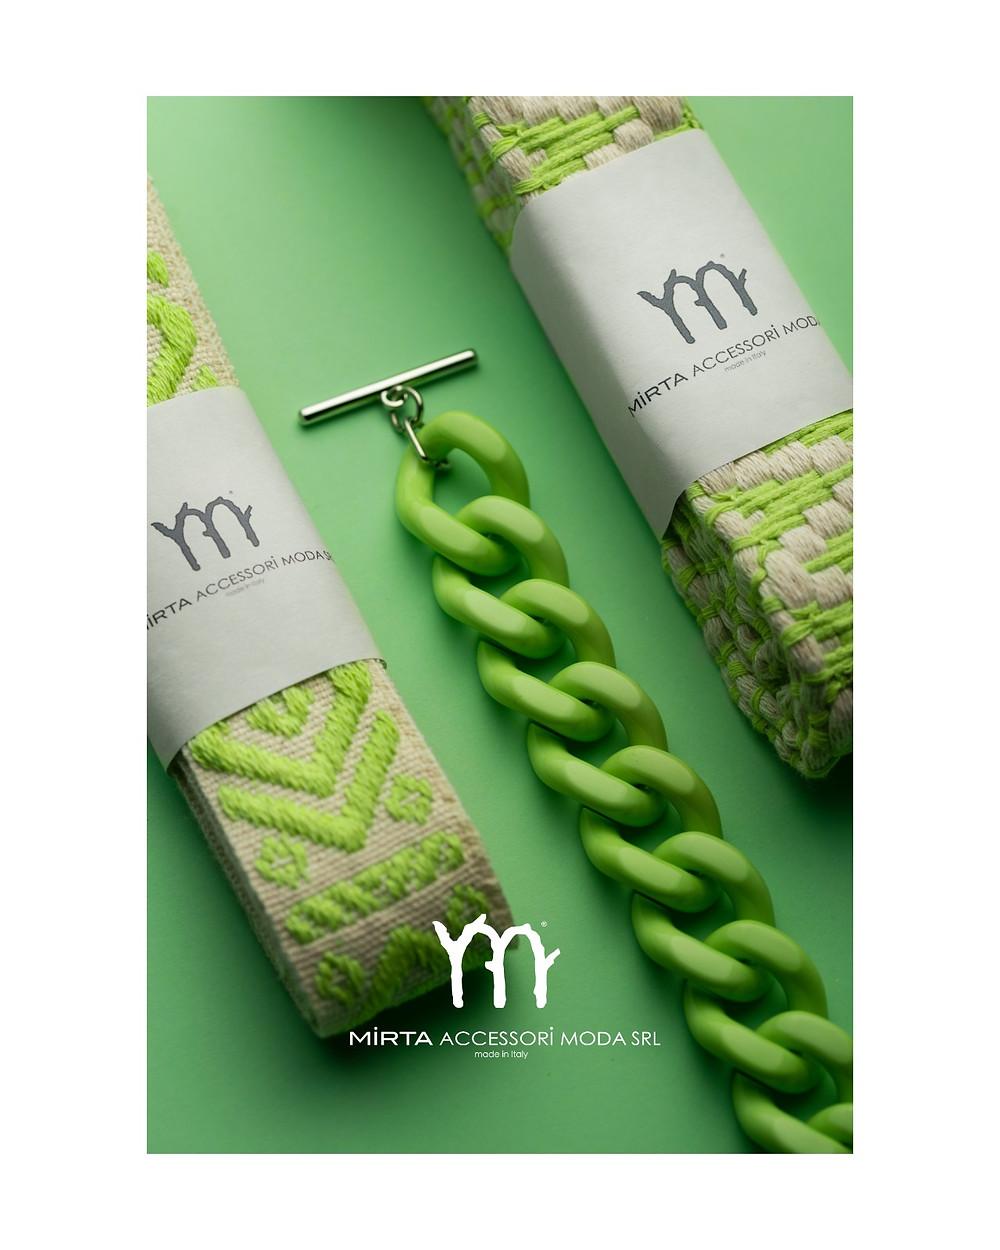 NUOVI ACCESSORI di Mirta  Colorati, originali e di qualità italiana al 100%     E' l'accessorio di tendenza che fa la differenza.